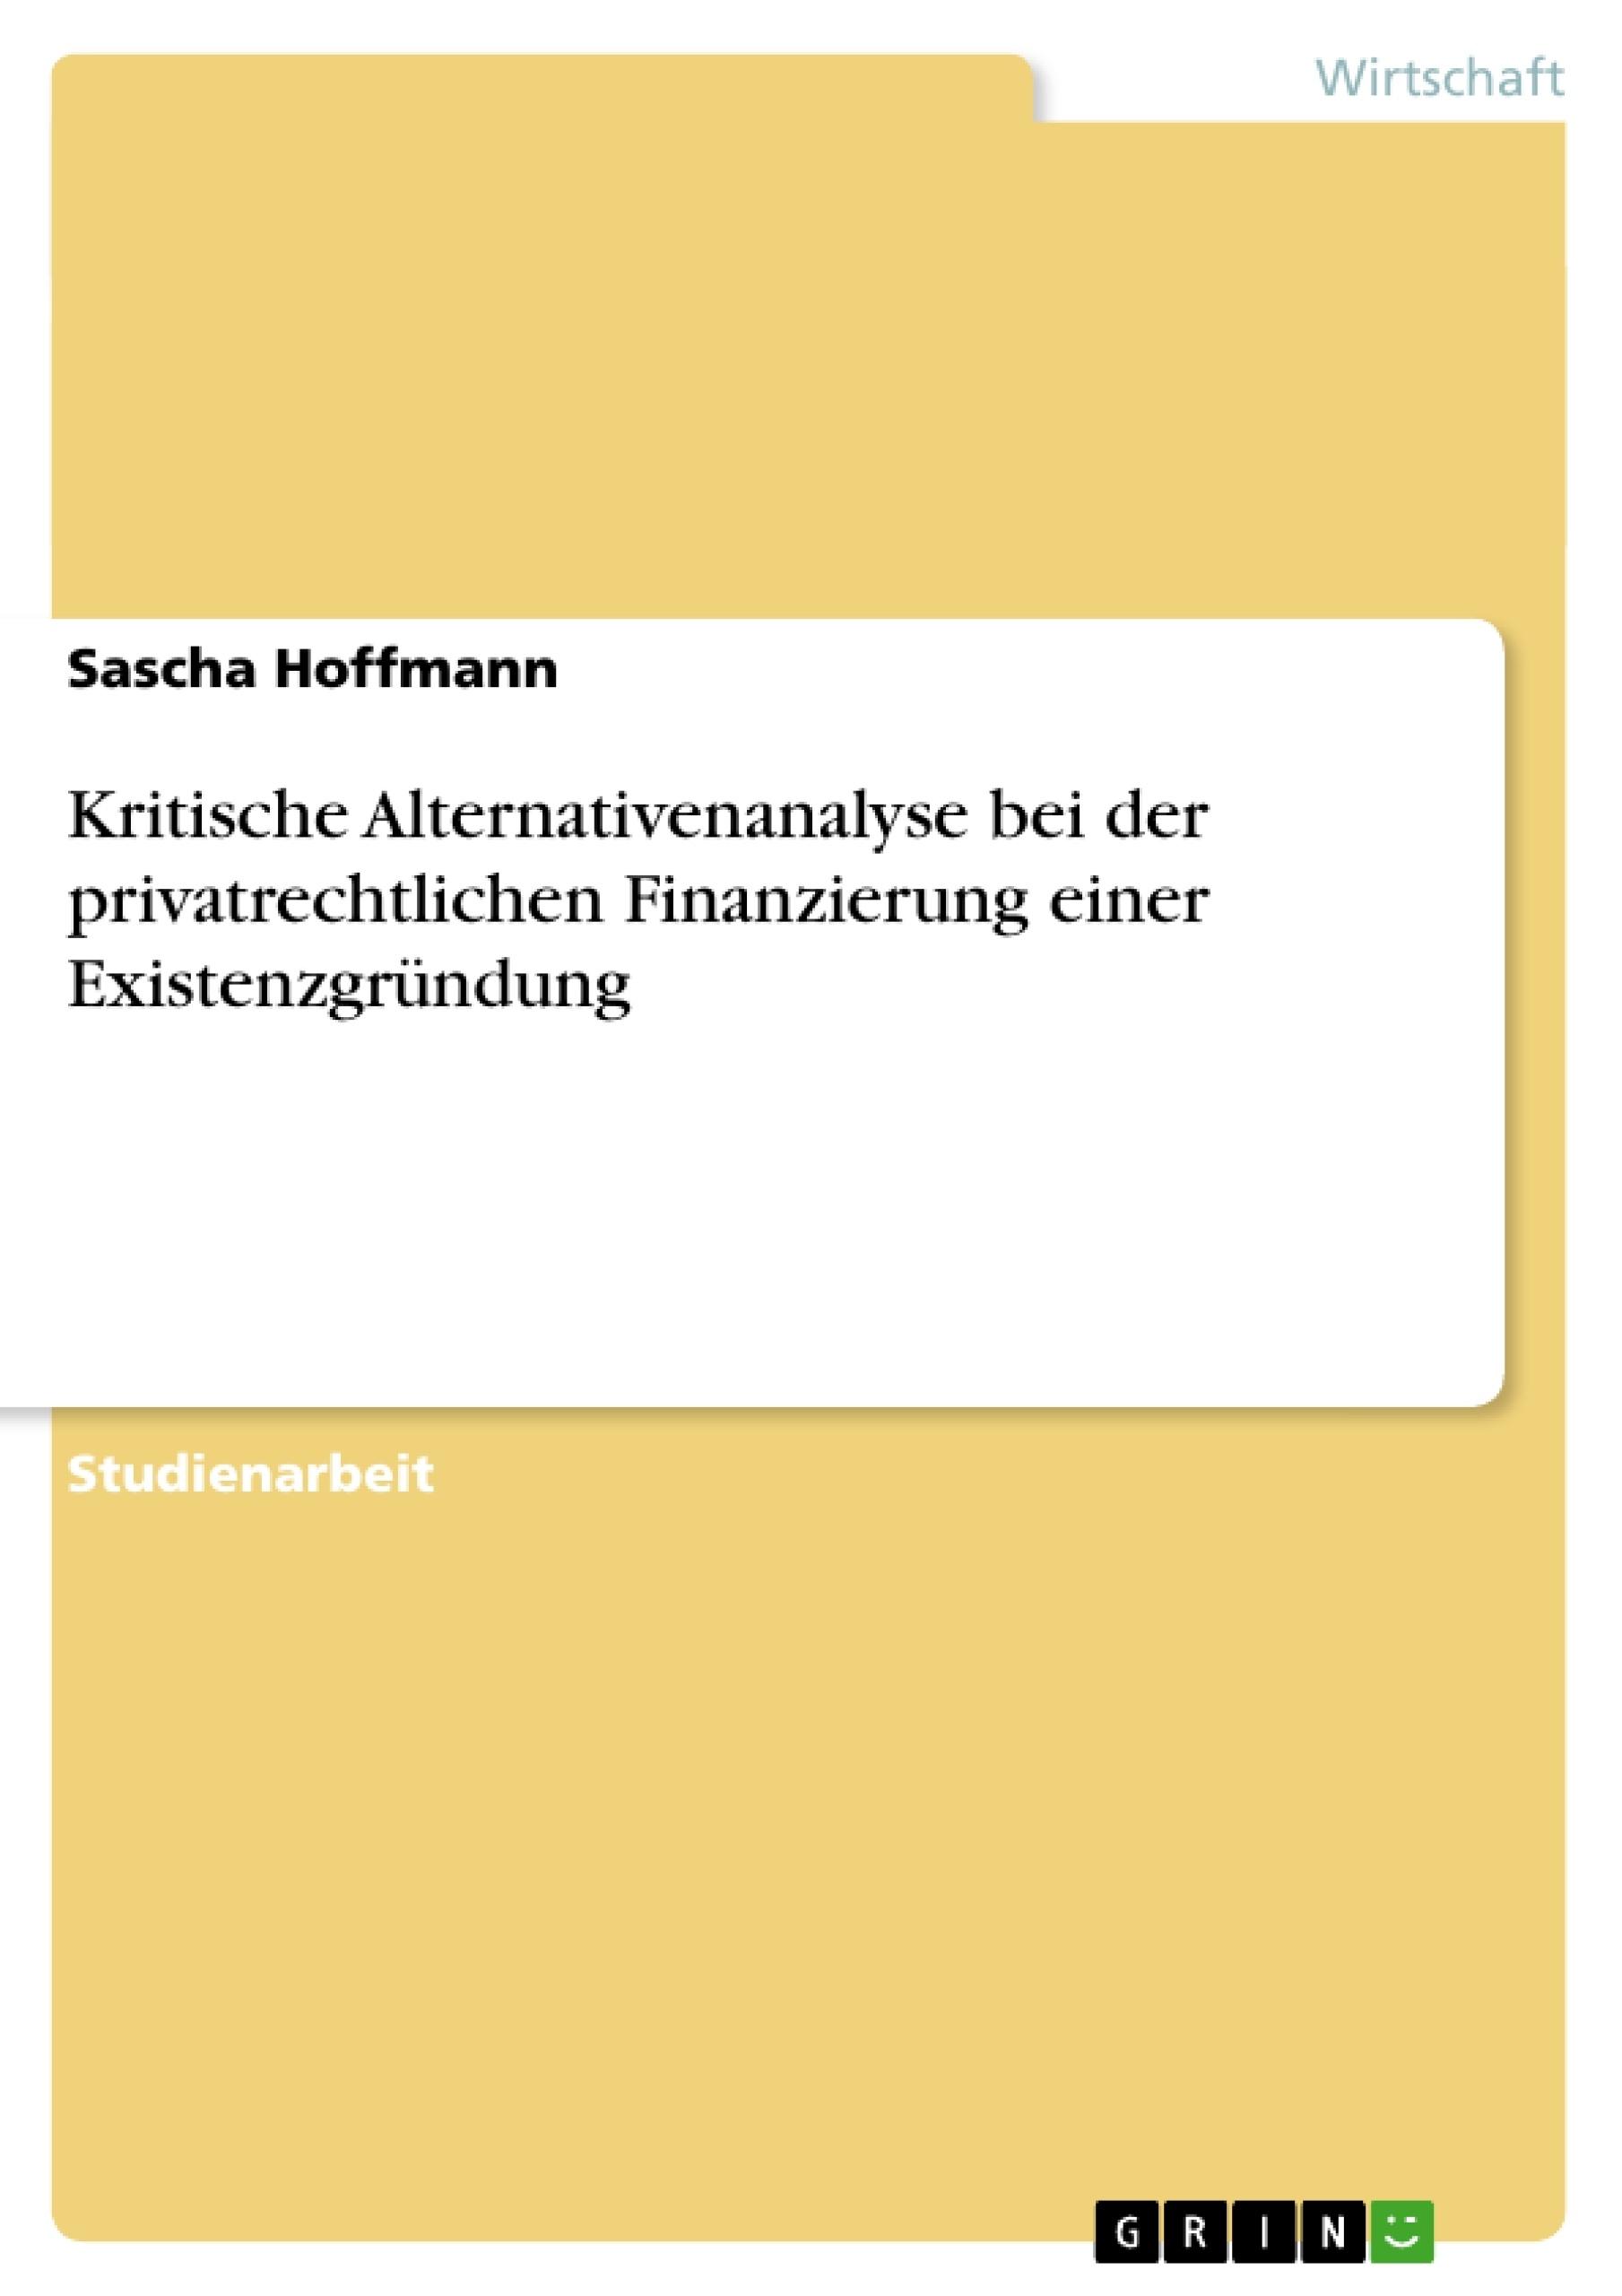 Titel: Kritische Alternativenanalyse bei der privatrechtlichen Finanzierung einer Existenzgründung